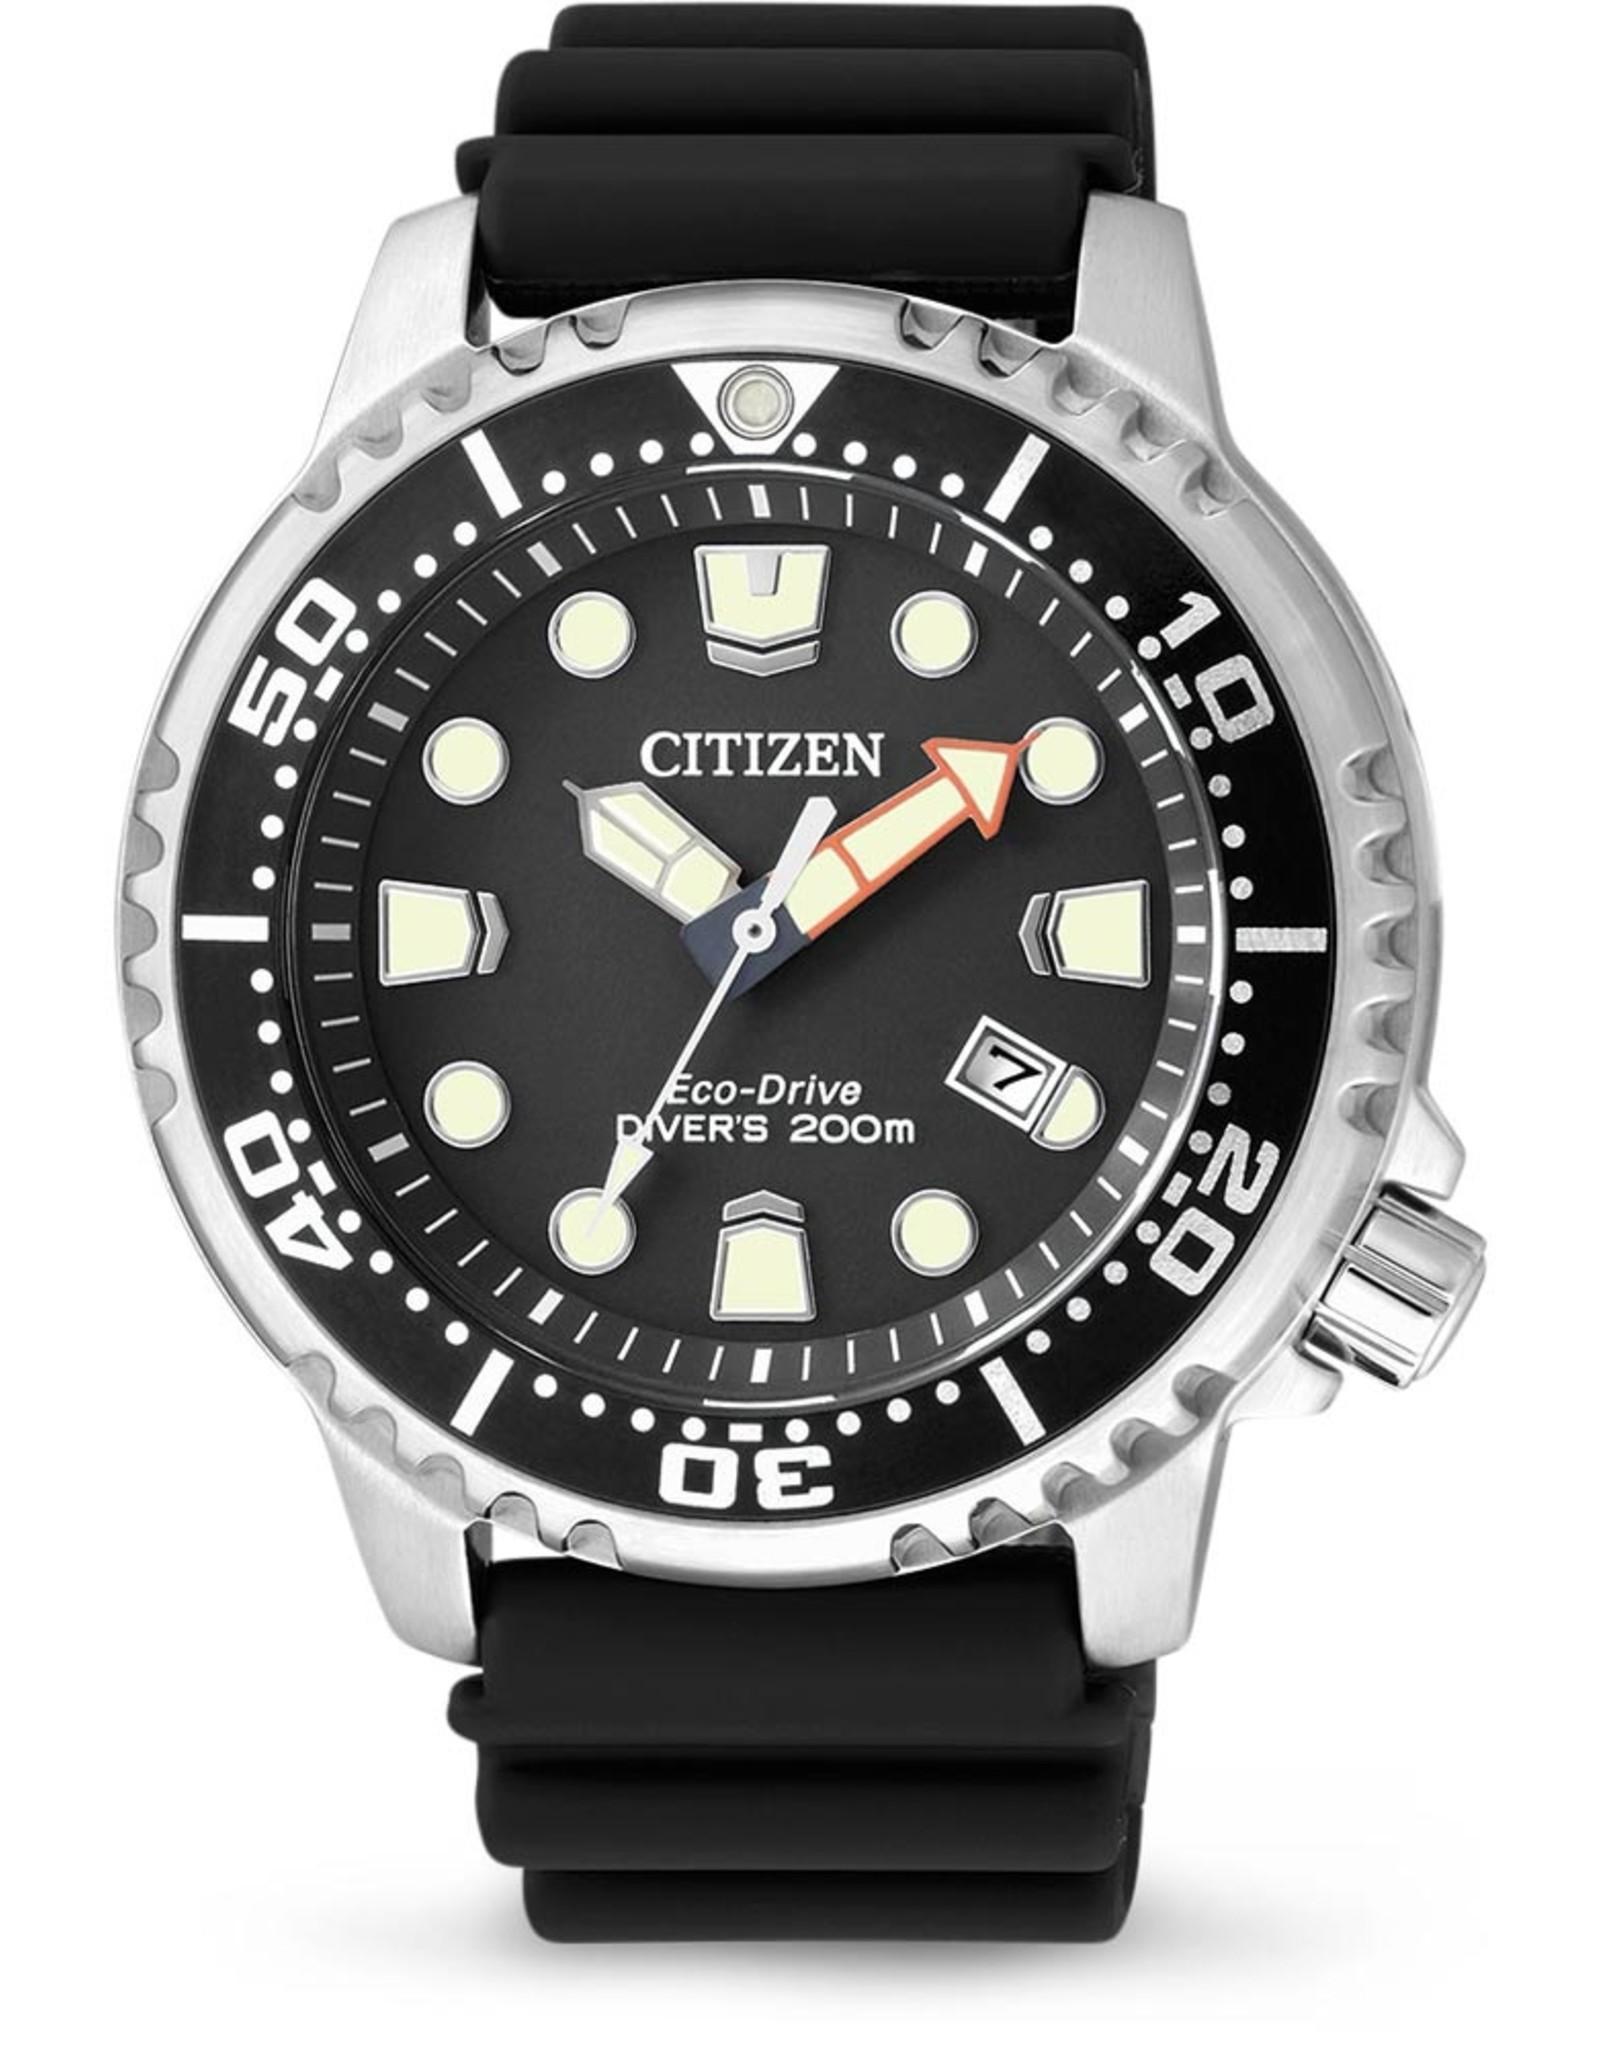 Citizen bn0150-10e